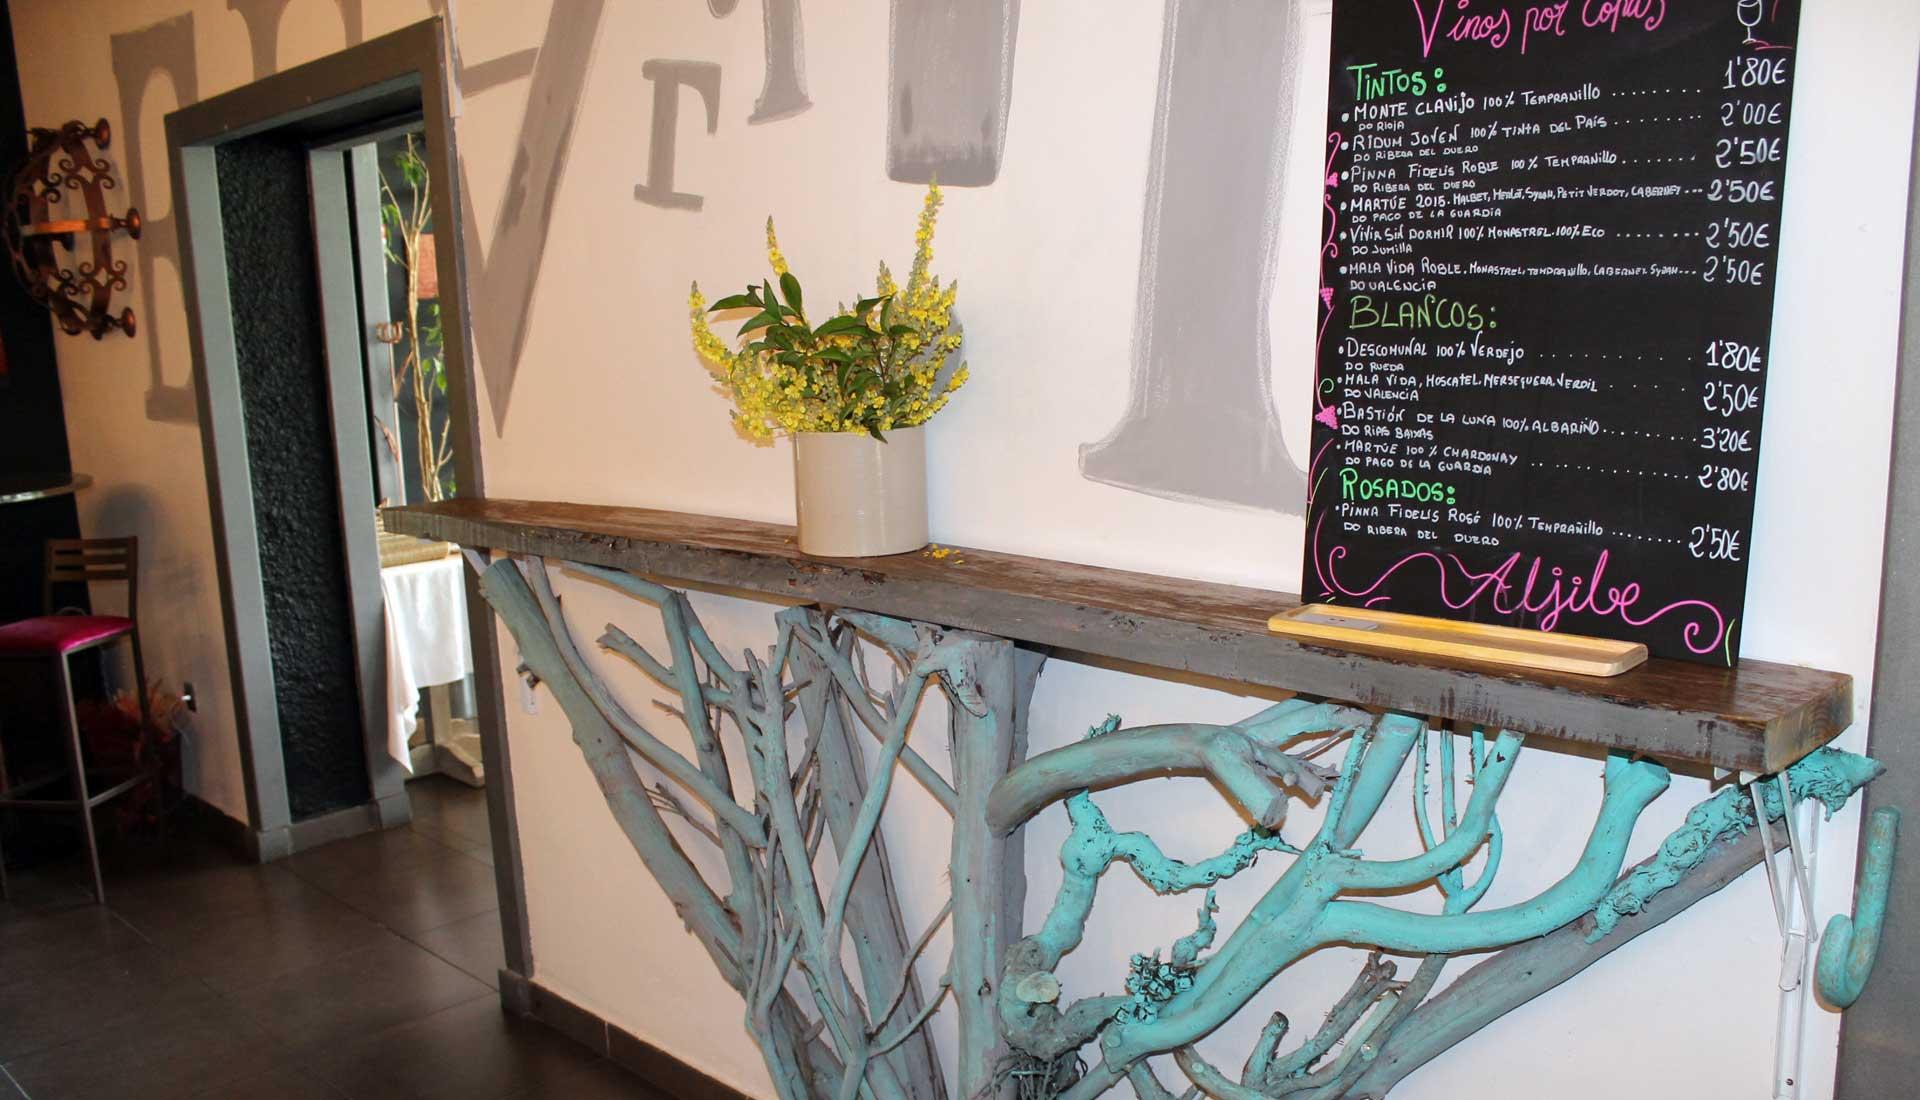 Bar Cafetería en serranillos playa El aljibe Bar-Cafeteria Talavera